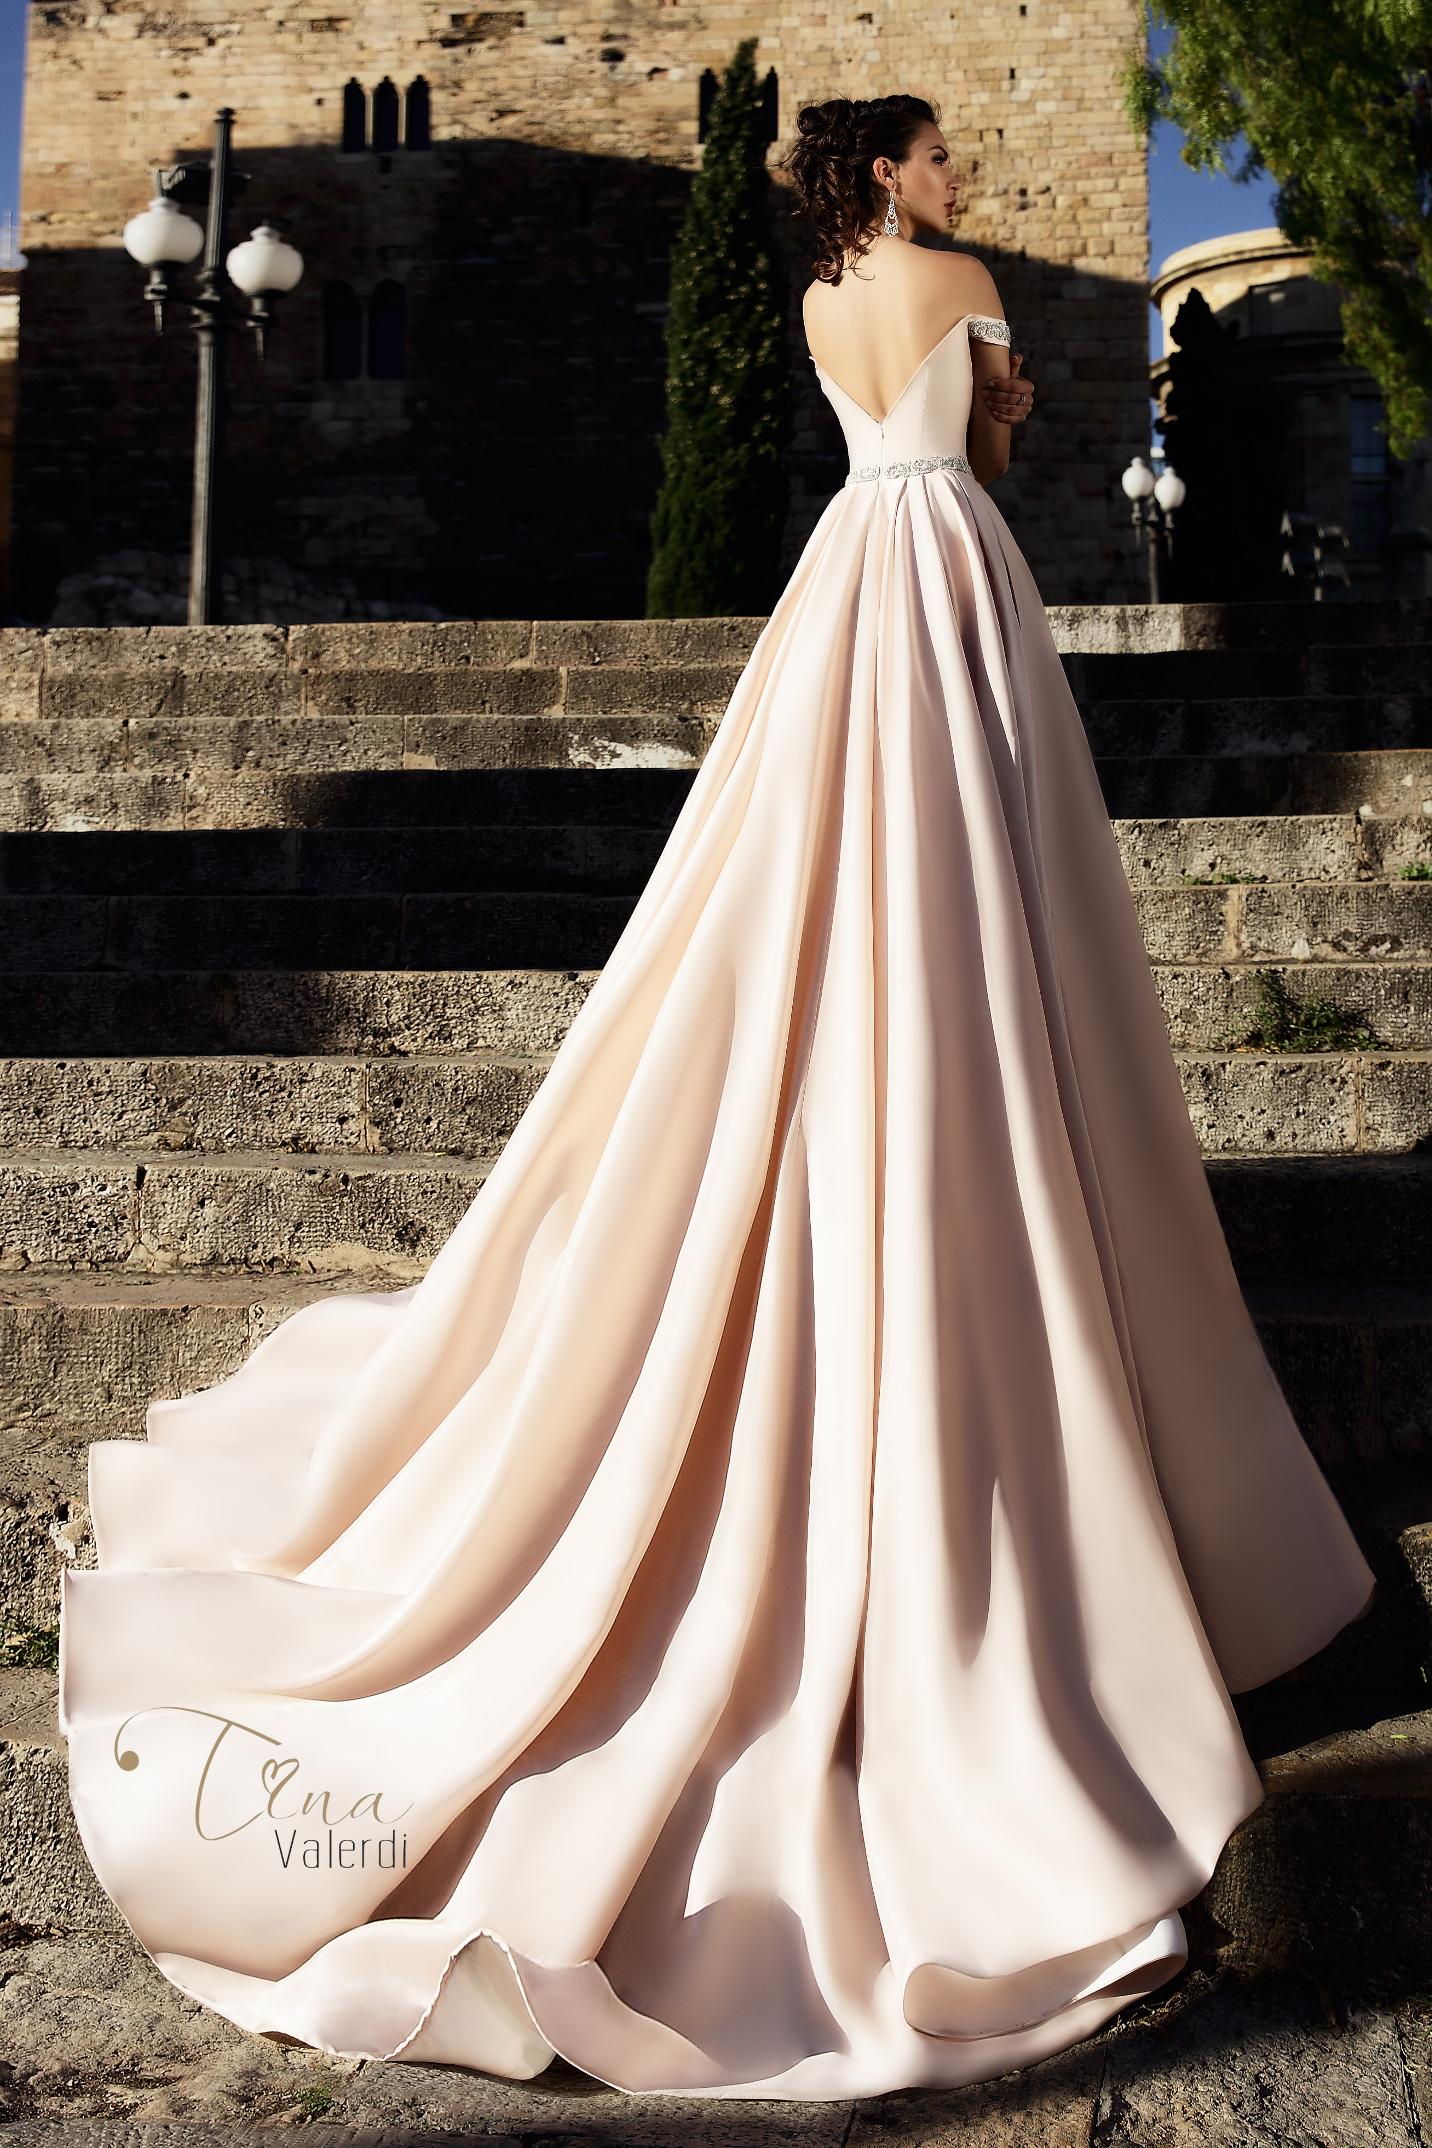 vestuvines sukneles tina valerdi Marisa2